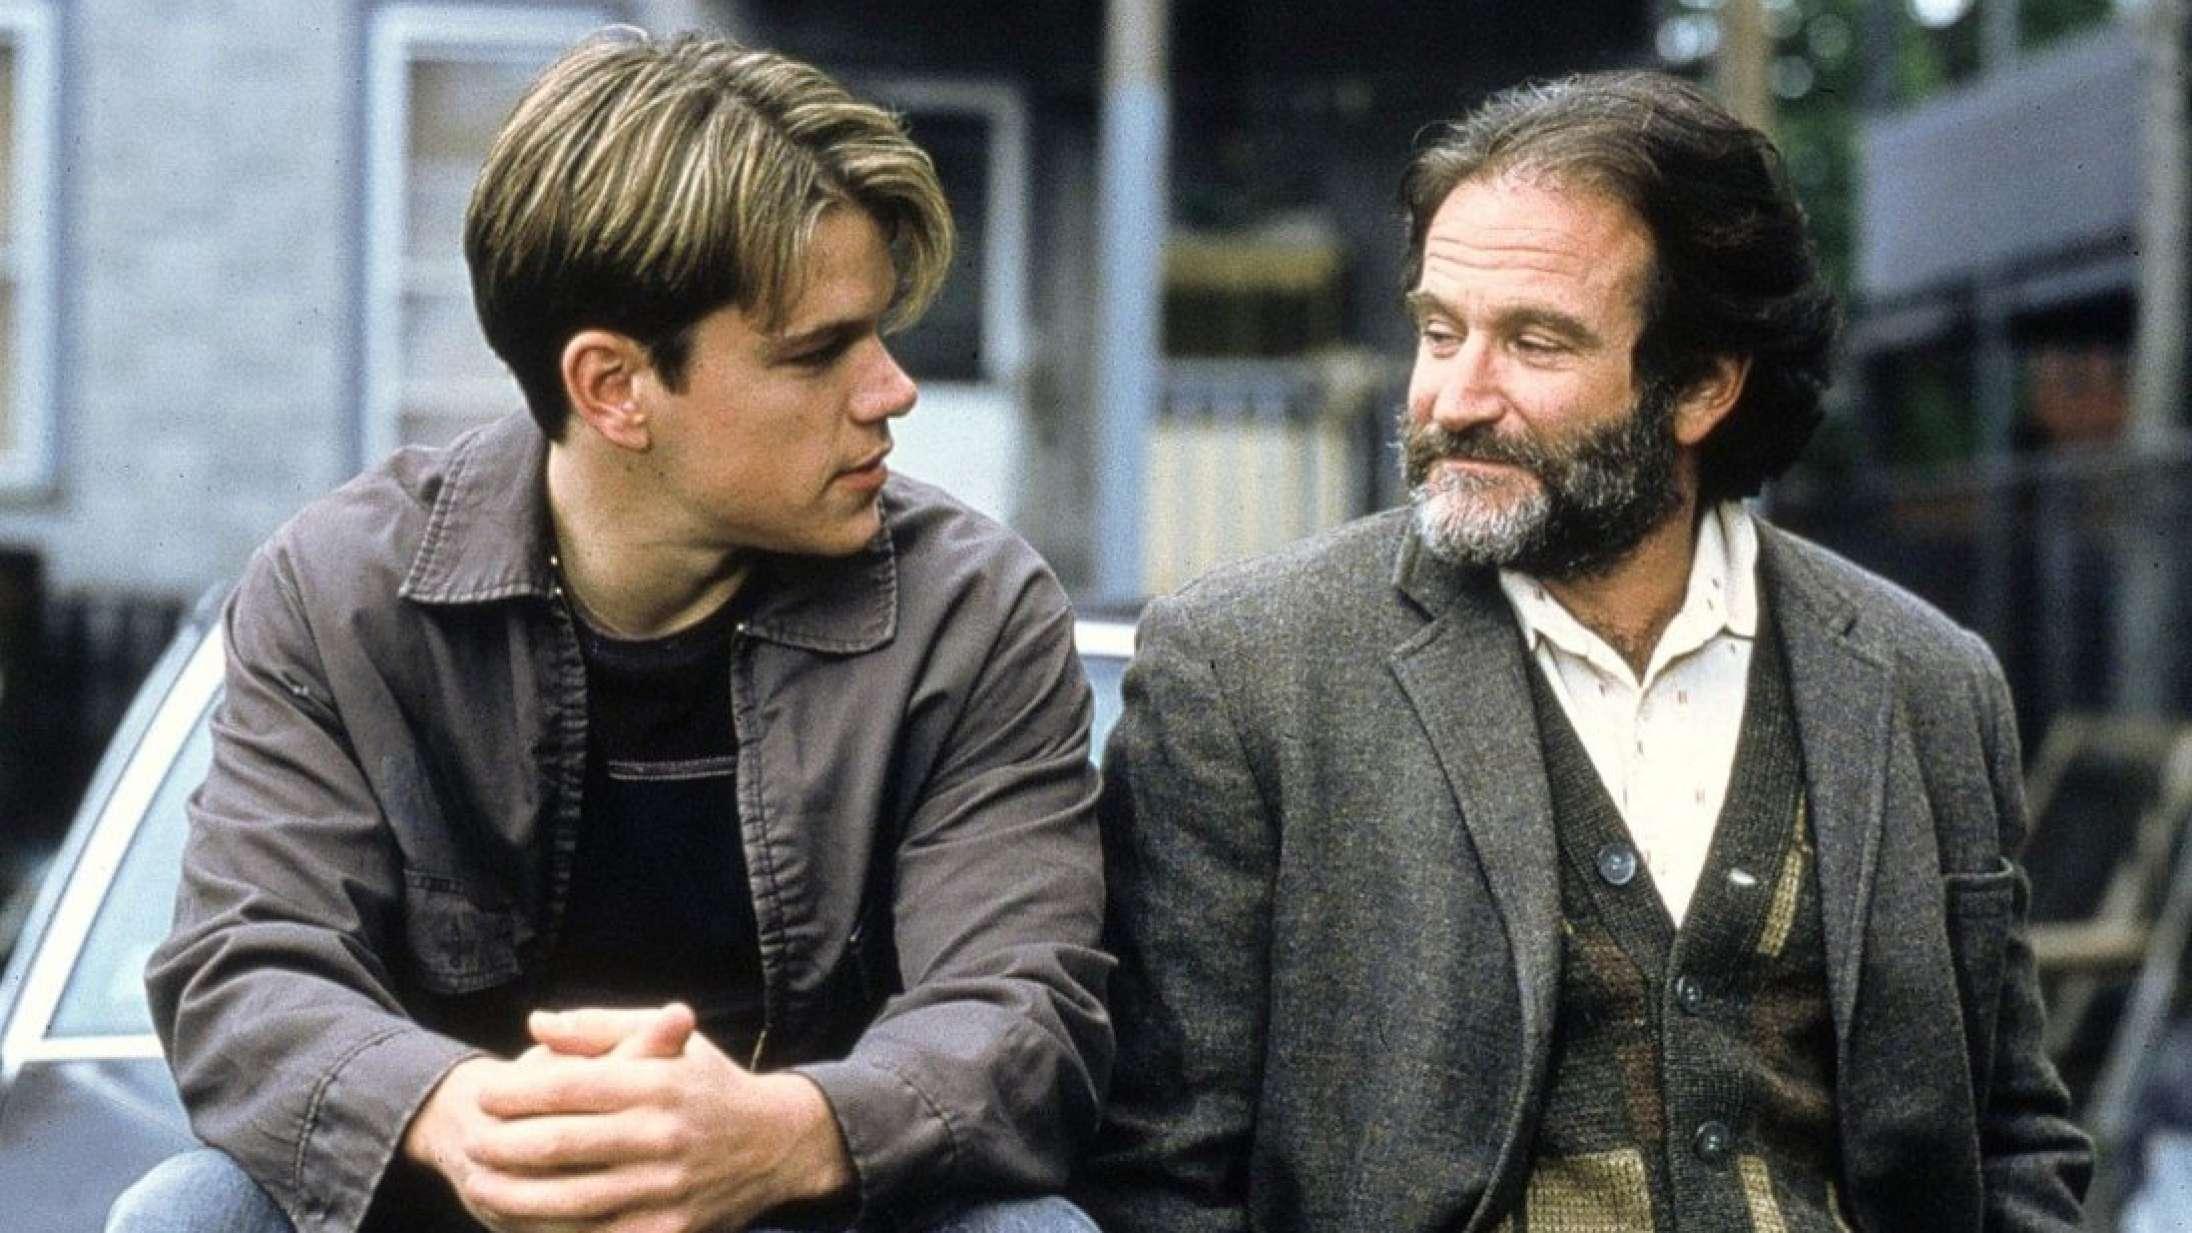 Et gensyn med 'Good Will Hunting' får én til at savne en uddøende Hollywood-genre